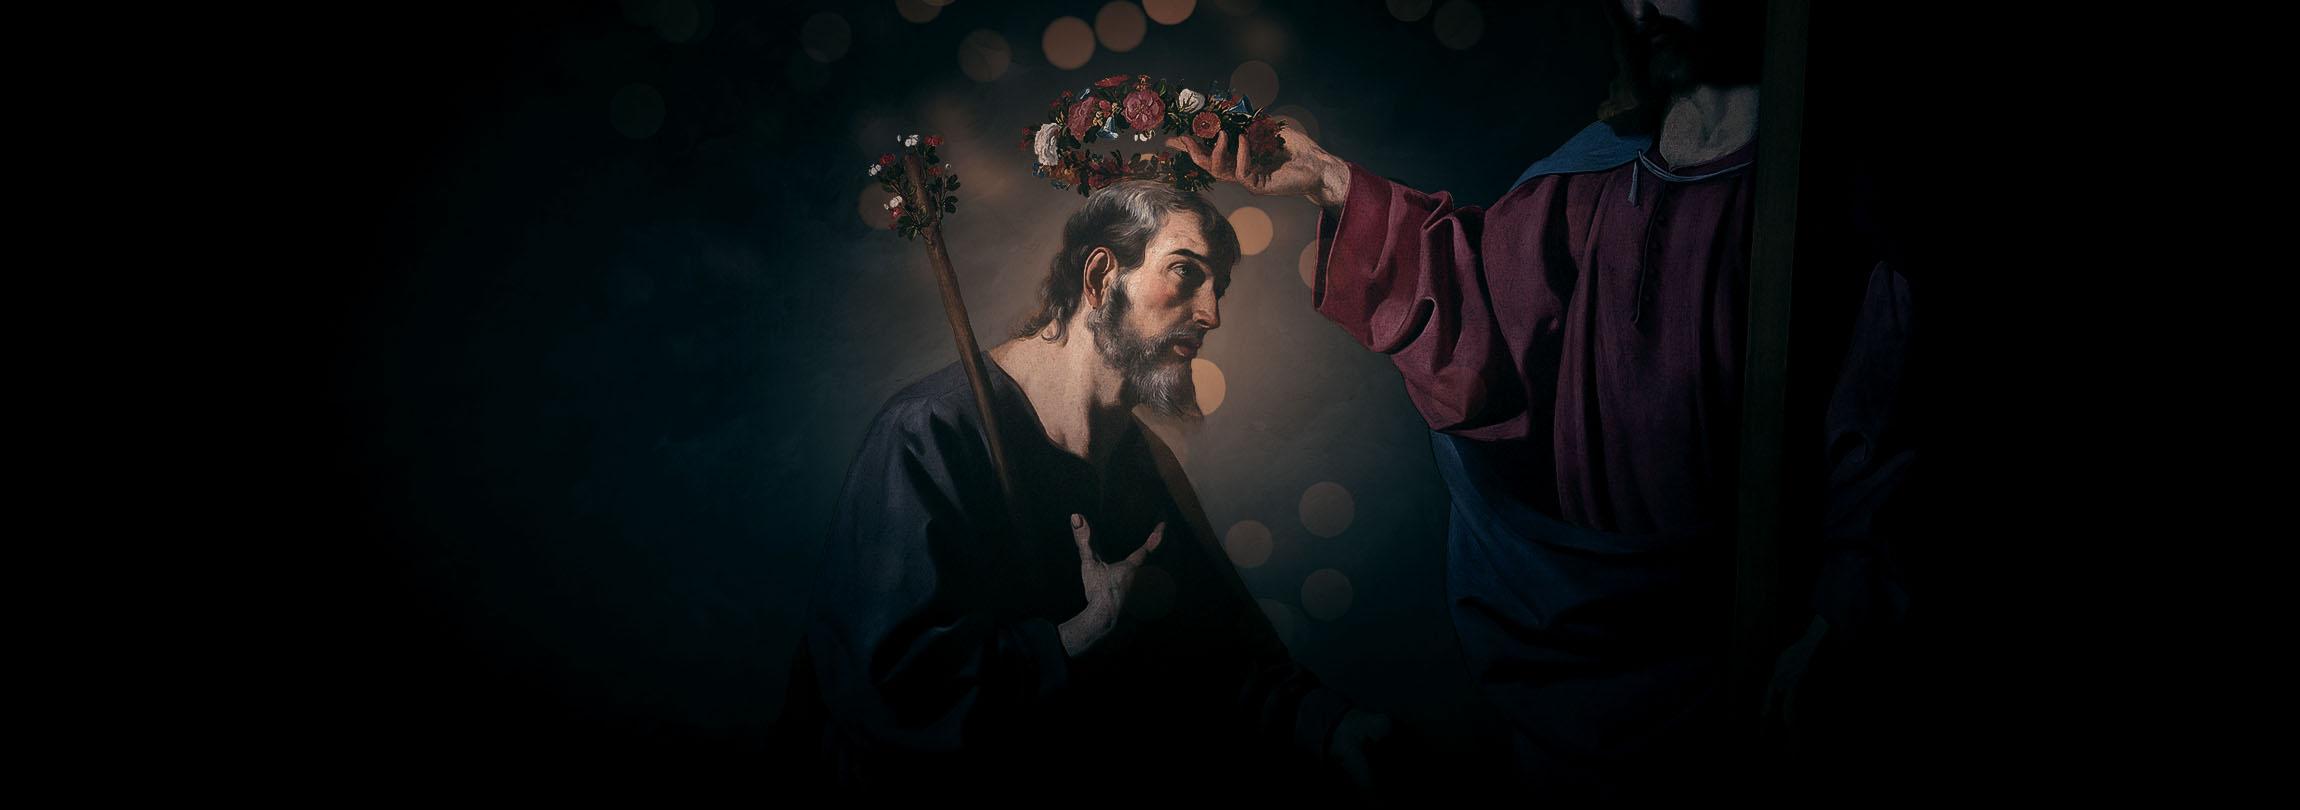 O que São José nos ensina com seu silêncio?